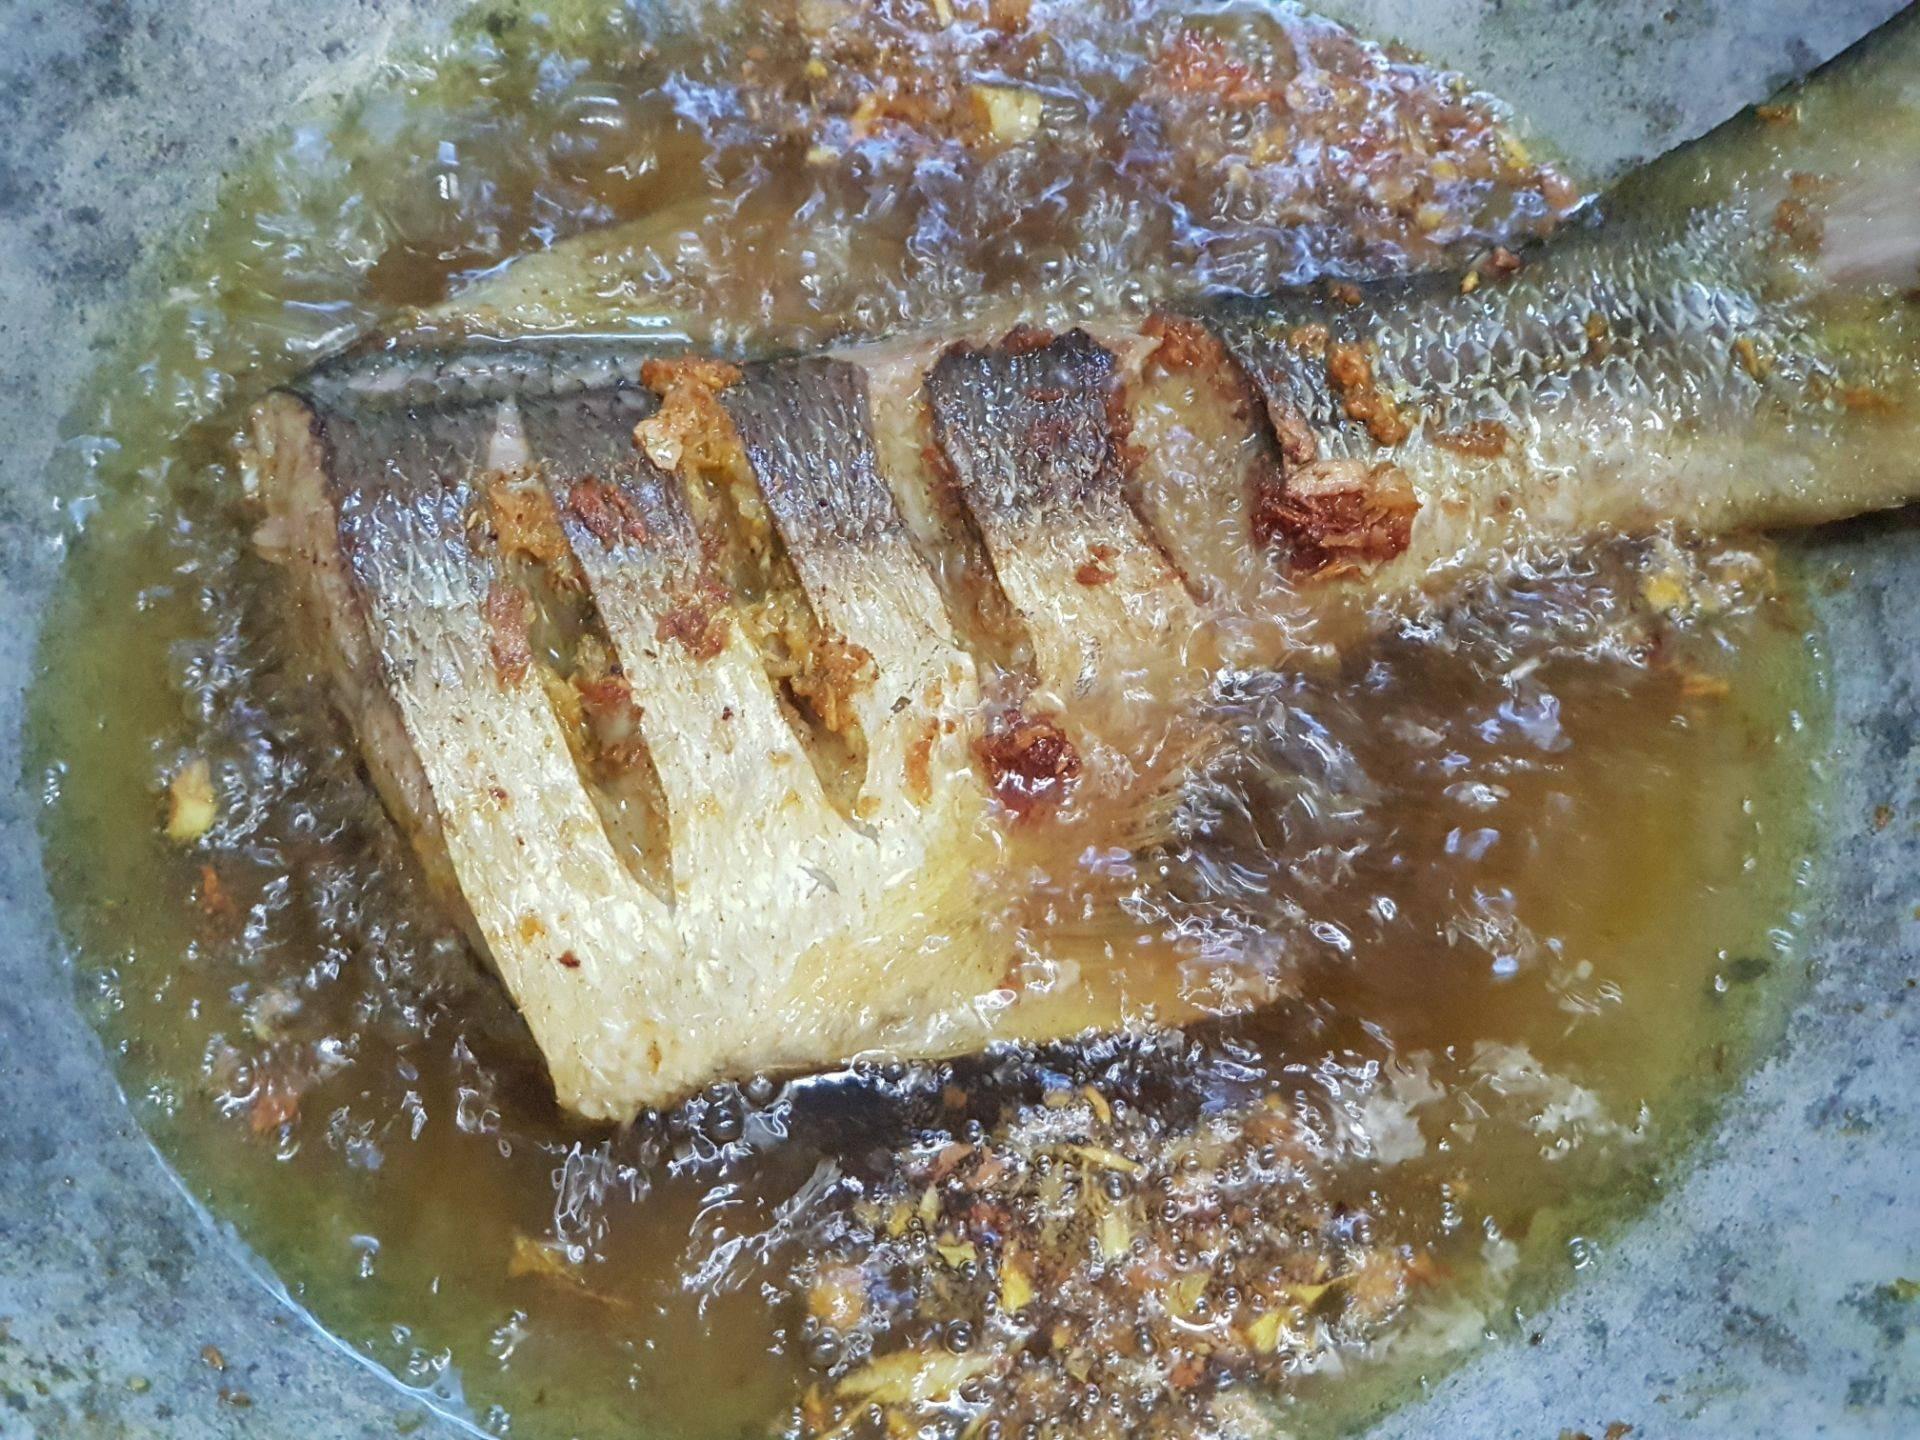 ปลากุเลาทอดขมิ้น